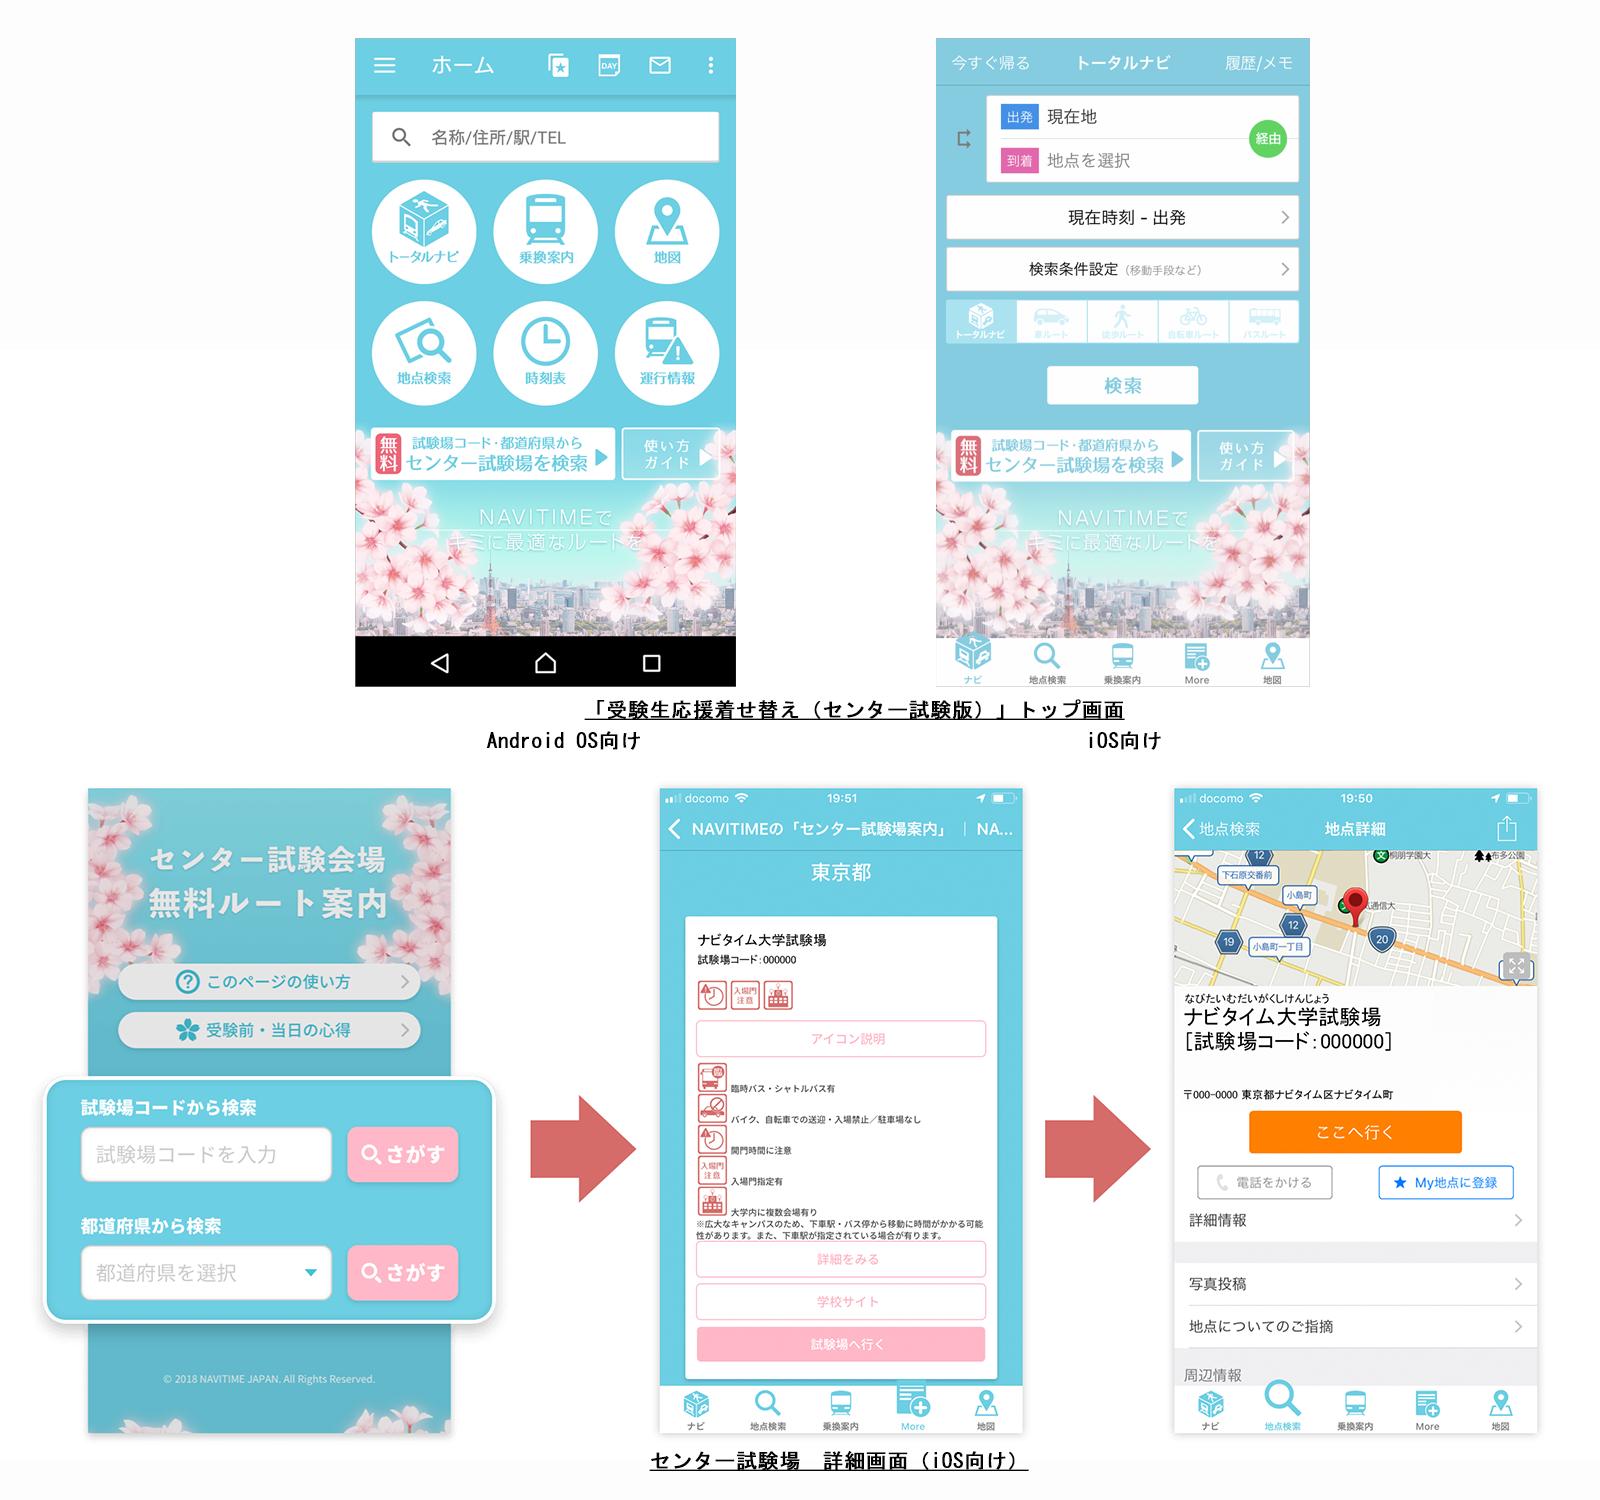 http://corporate.navitime.co.jp/topics/97d7134c8745f296e0e8d226f52dcbf8336cde40.png